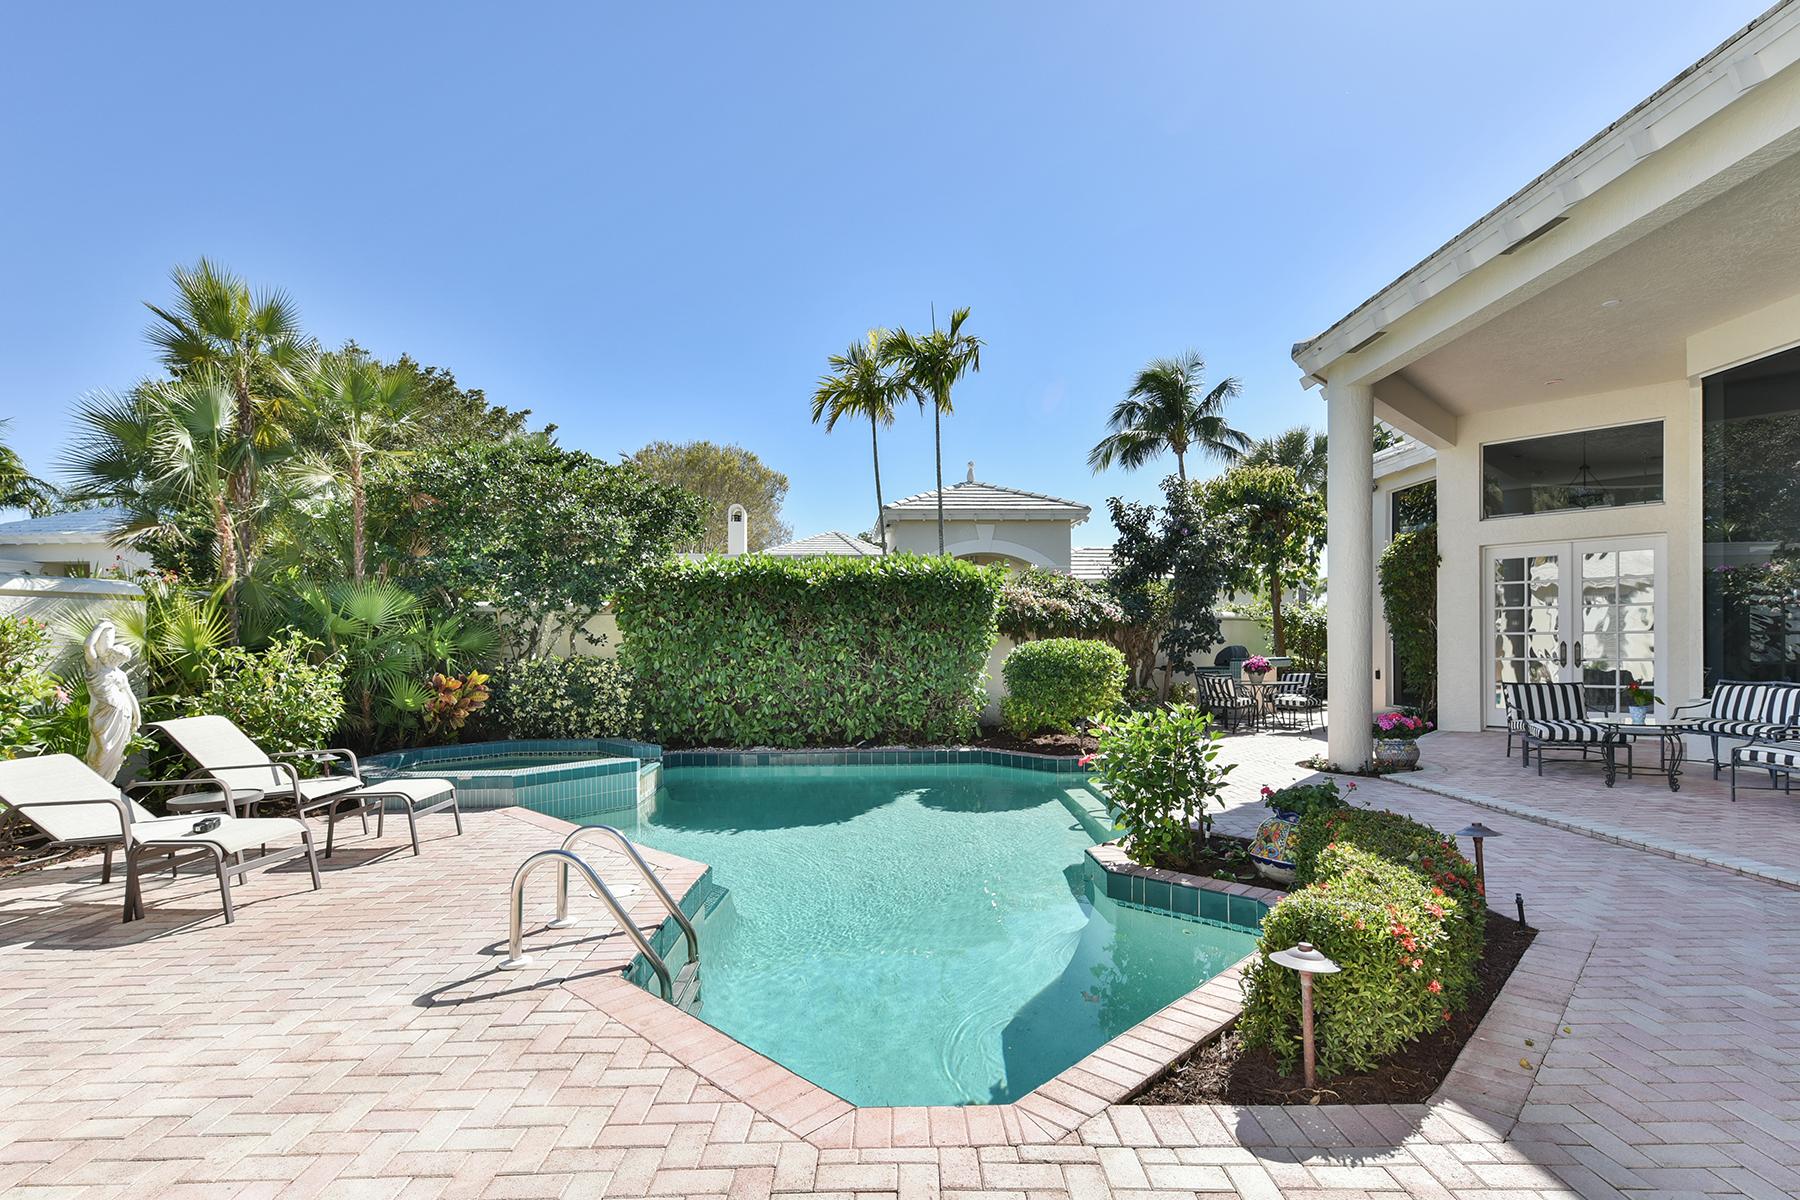 独户住宅 为 销售 在 PELICAN BAY - GRAND BAY 7967 Grand Bay Dr 10 那不勒斯, 佛罗里达州, 34108 美国